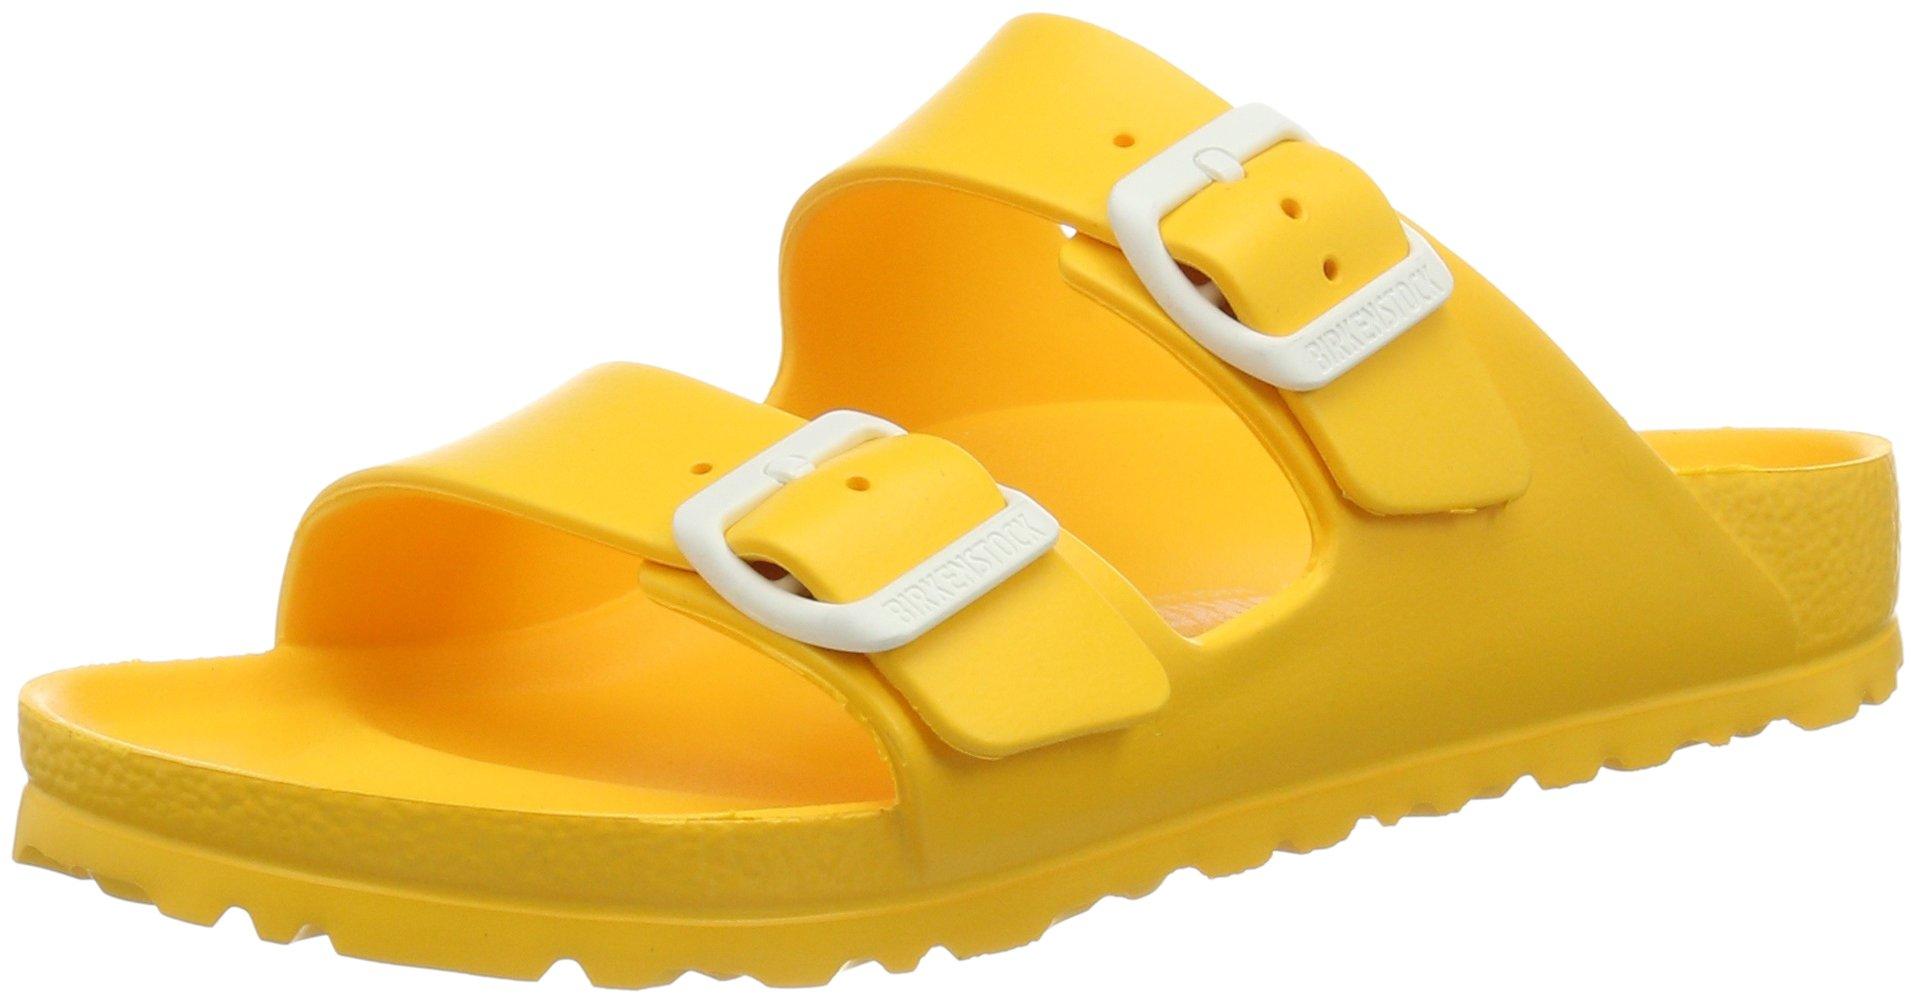 Birkenstock Unisex Arizona EVA Dual Buckle Sandals, Scuba Yellow - 37 M EU